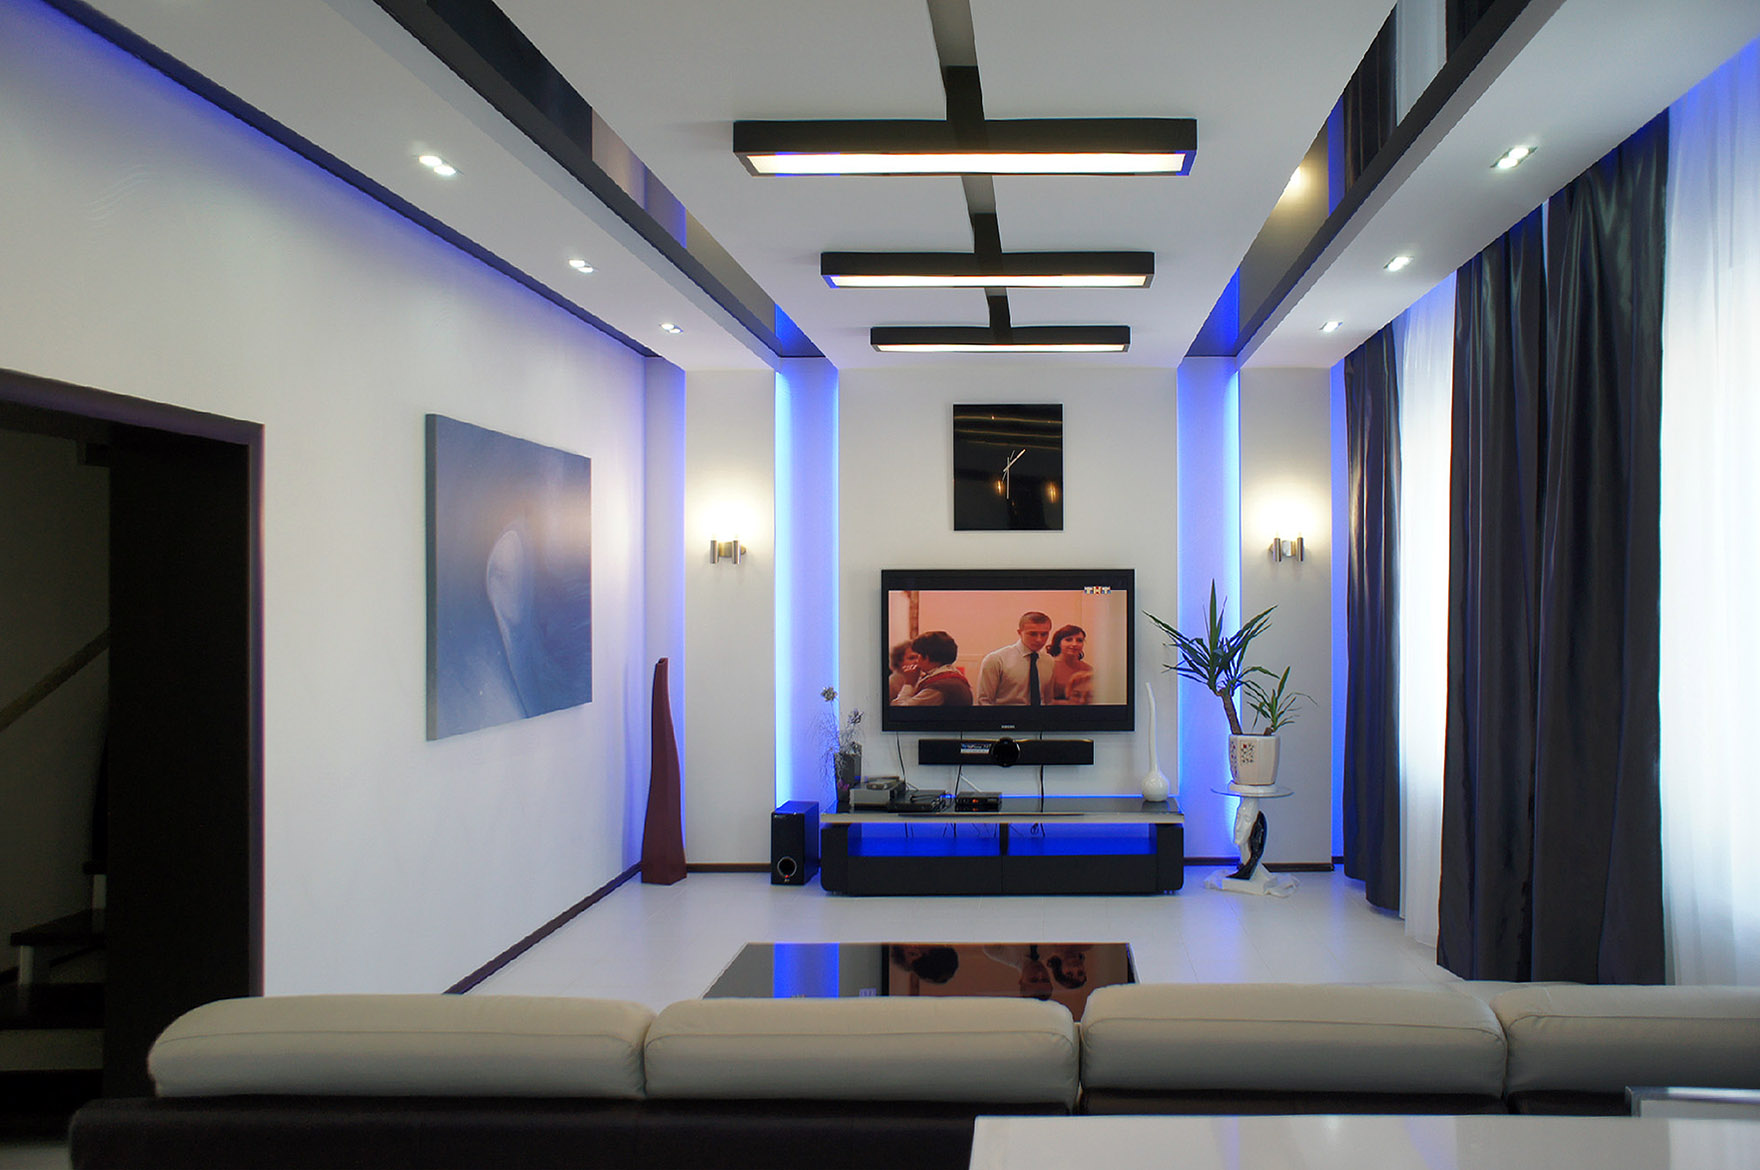 Éclairage LED des pièces de l'appartement